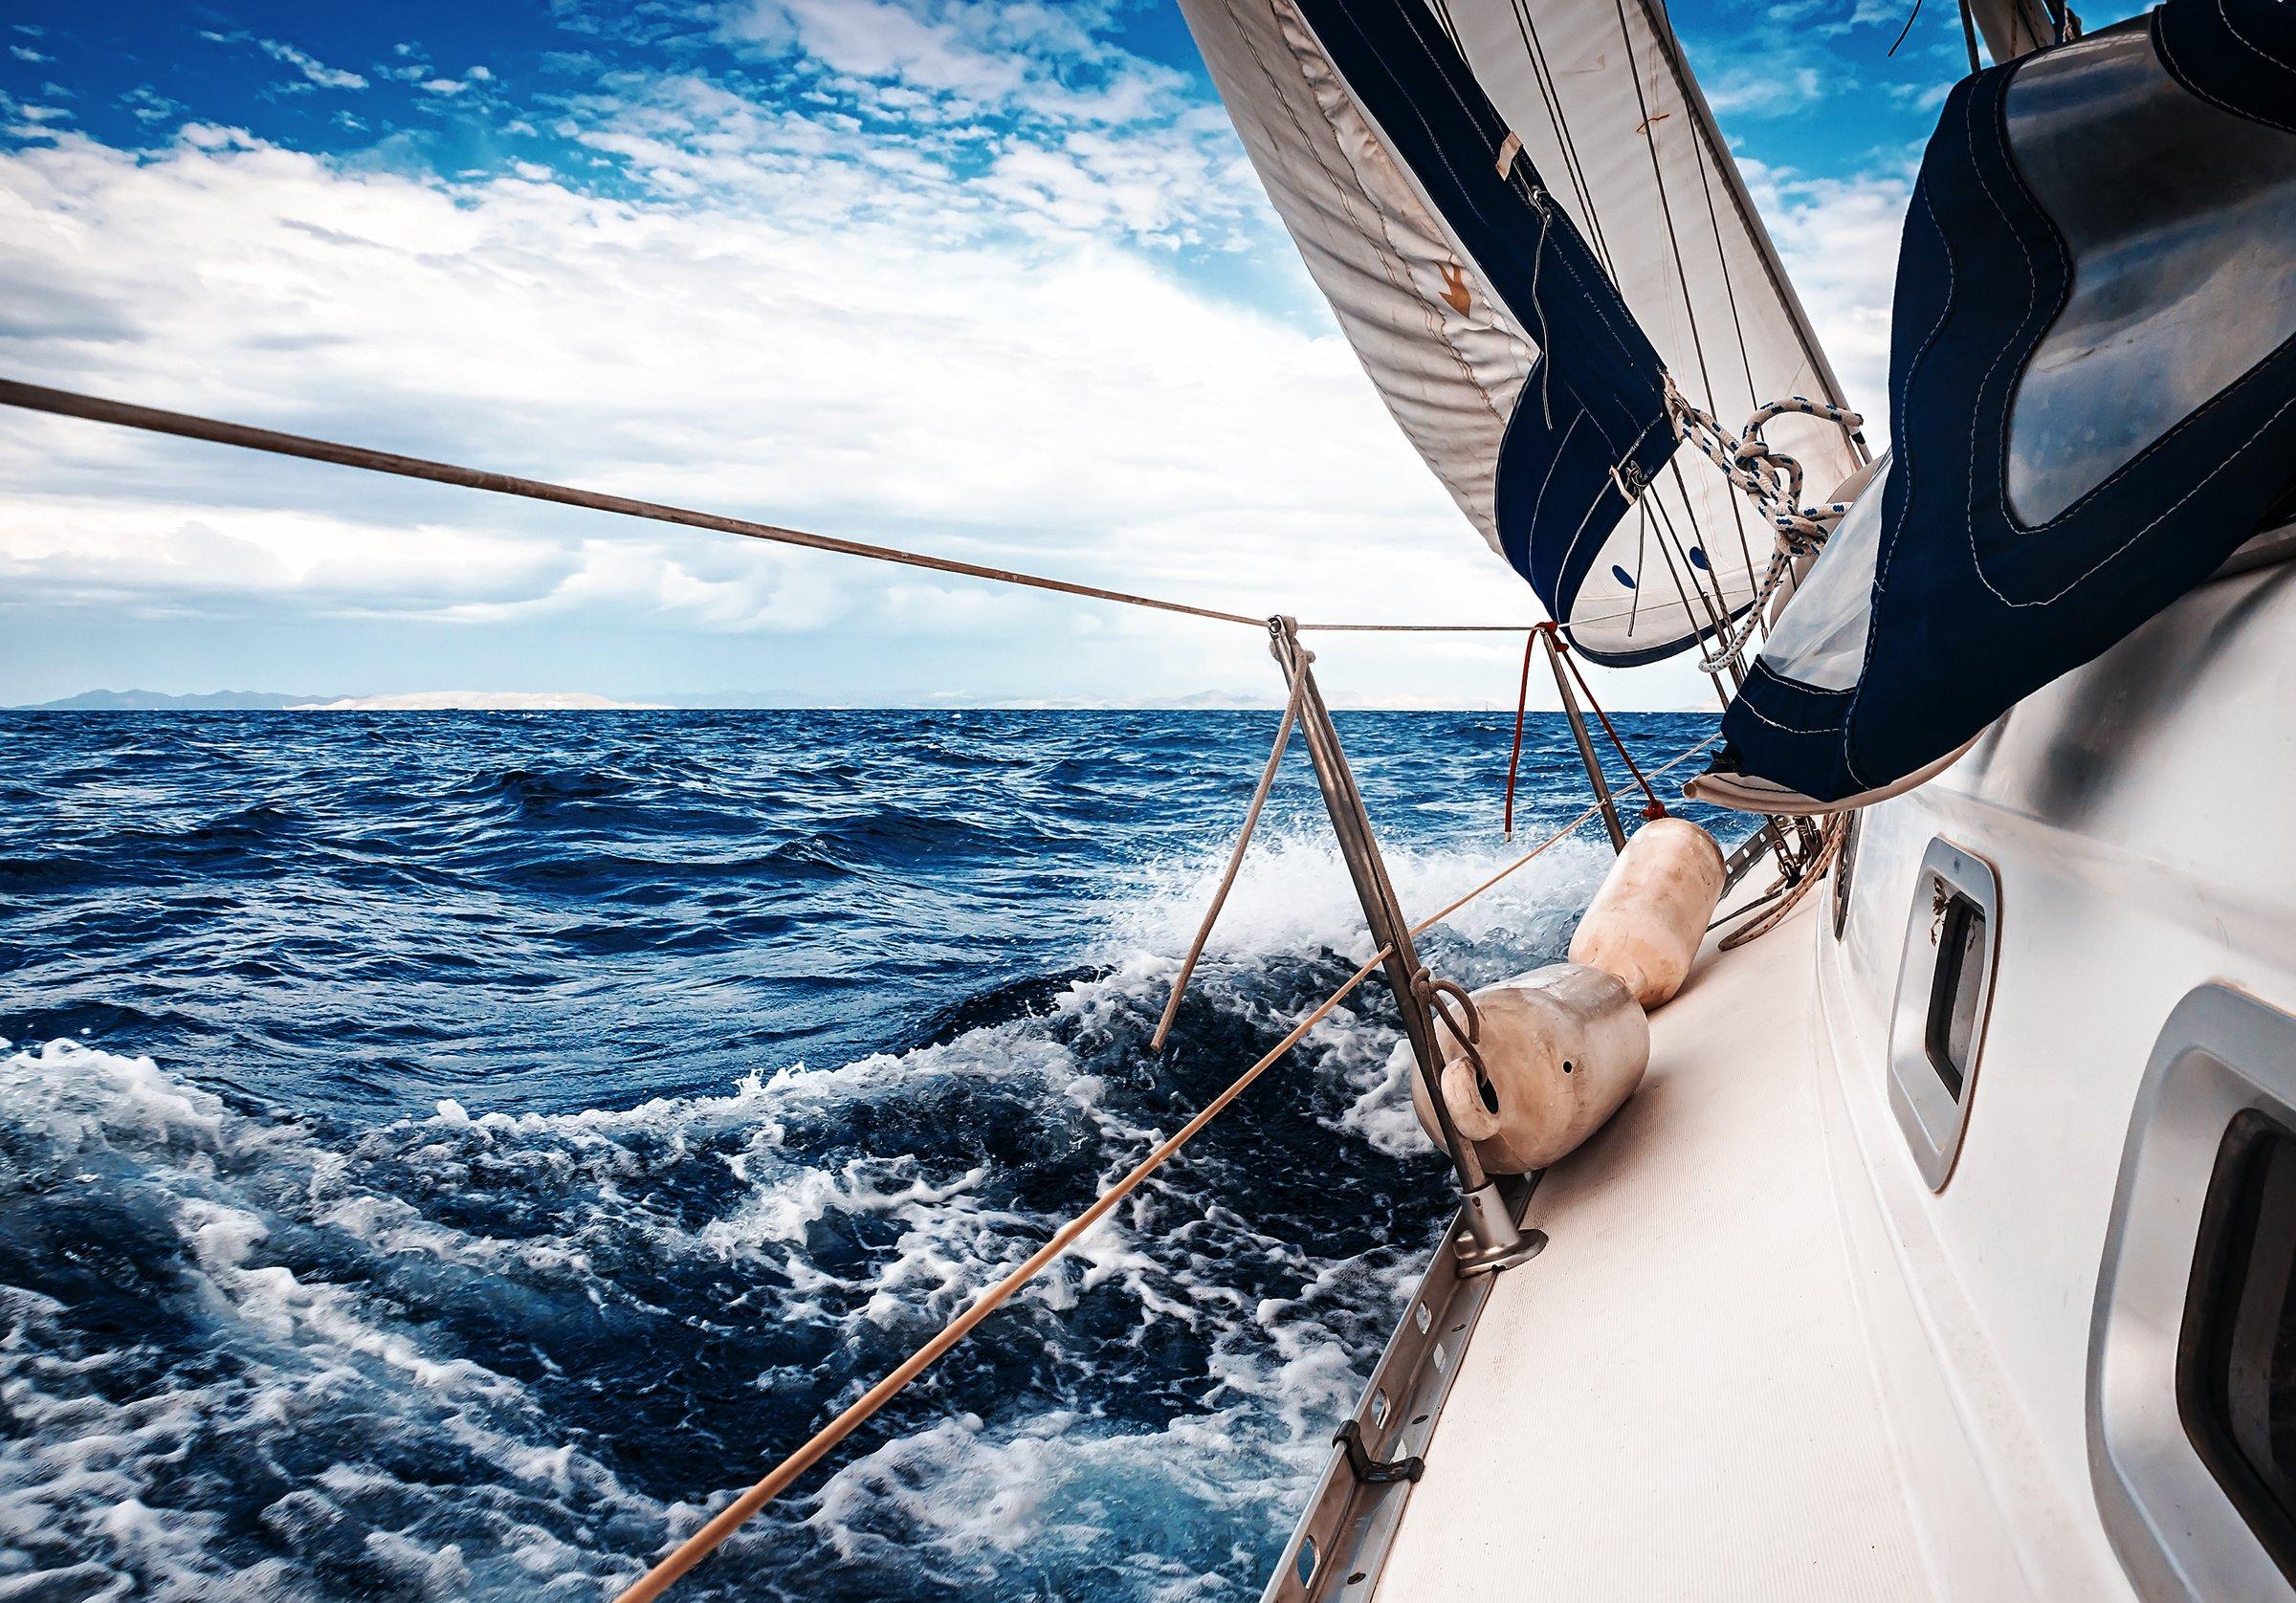 Cruzar el Atlántico en velero, una experiencia para valientes